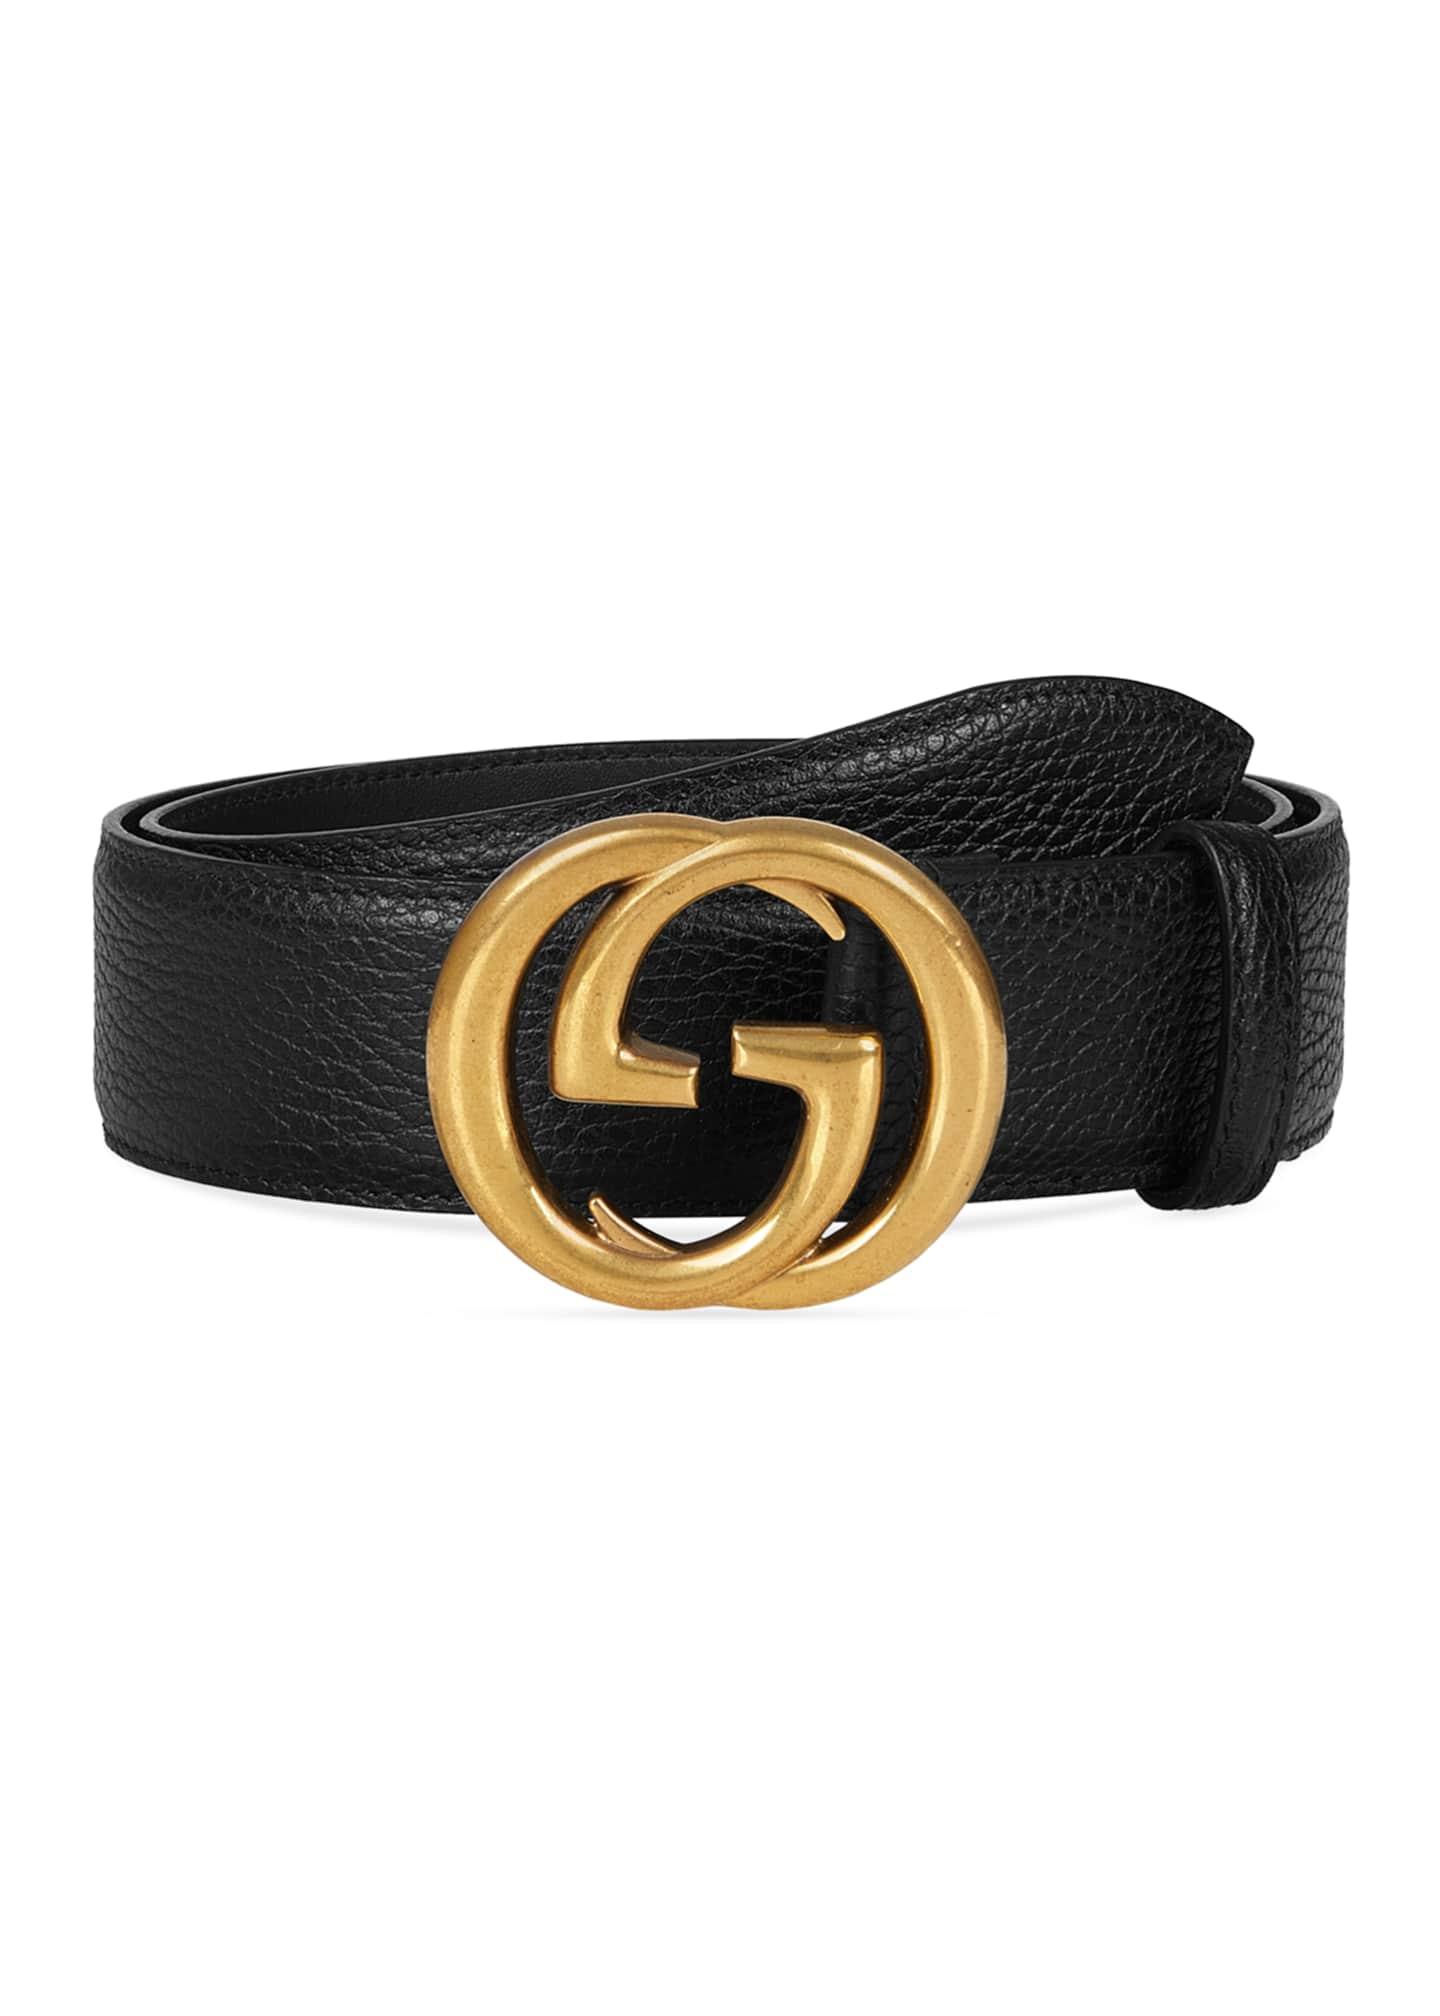 Gucci Men's Interlocking GG Marmont Belt